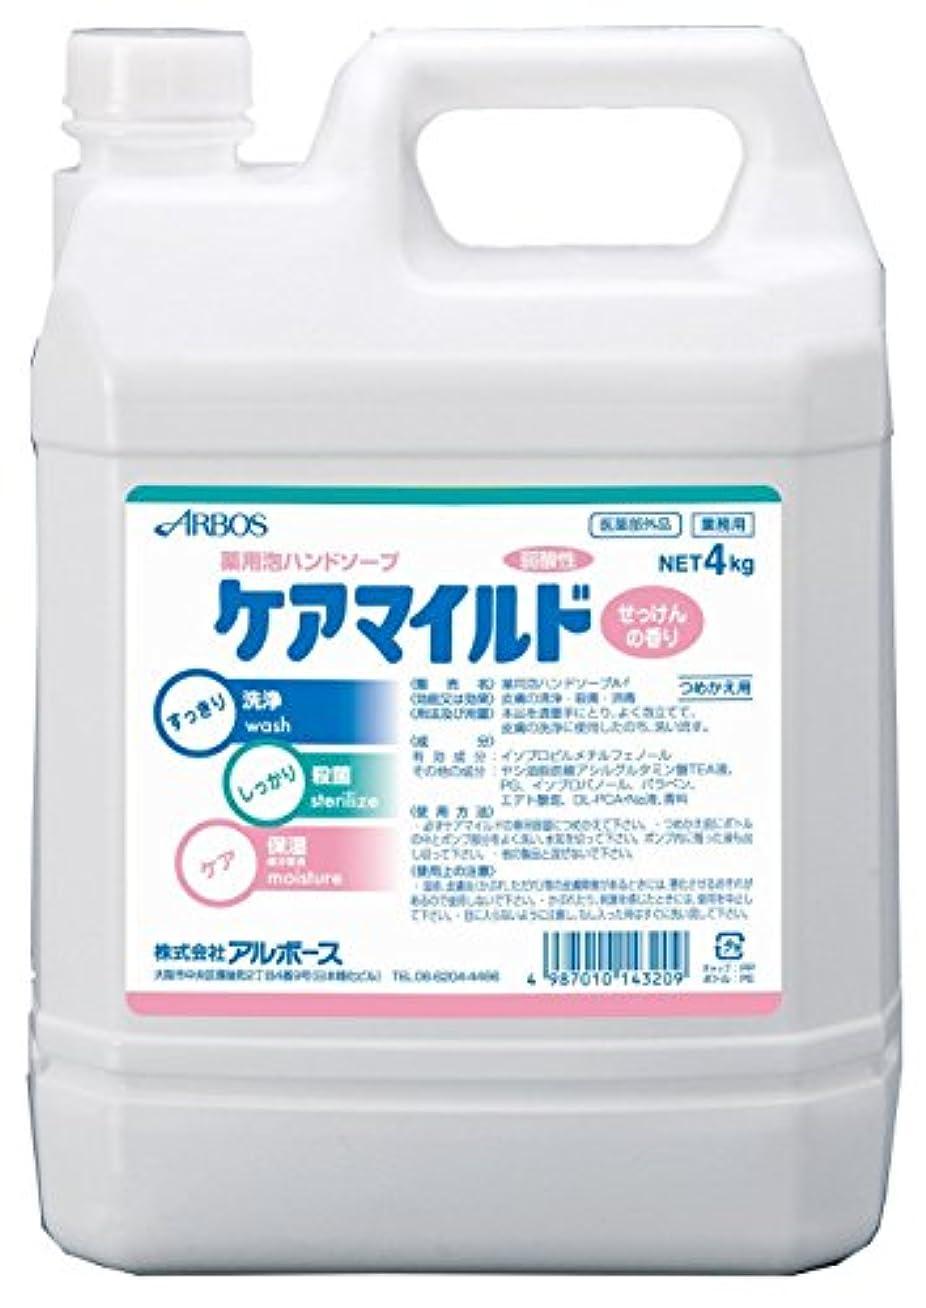 異常液化する天井薬用泡ハンドソープ ケアマイルド 詰め替え用 4L (4本入り)